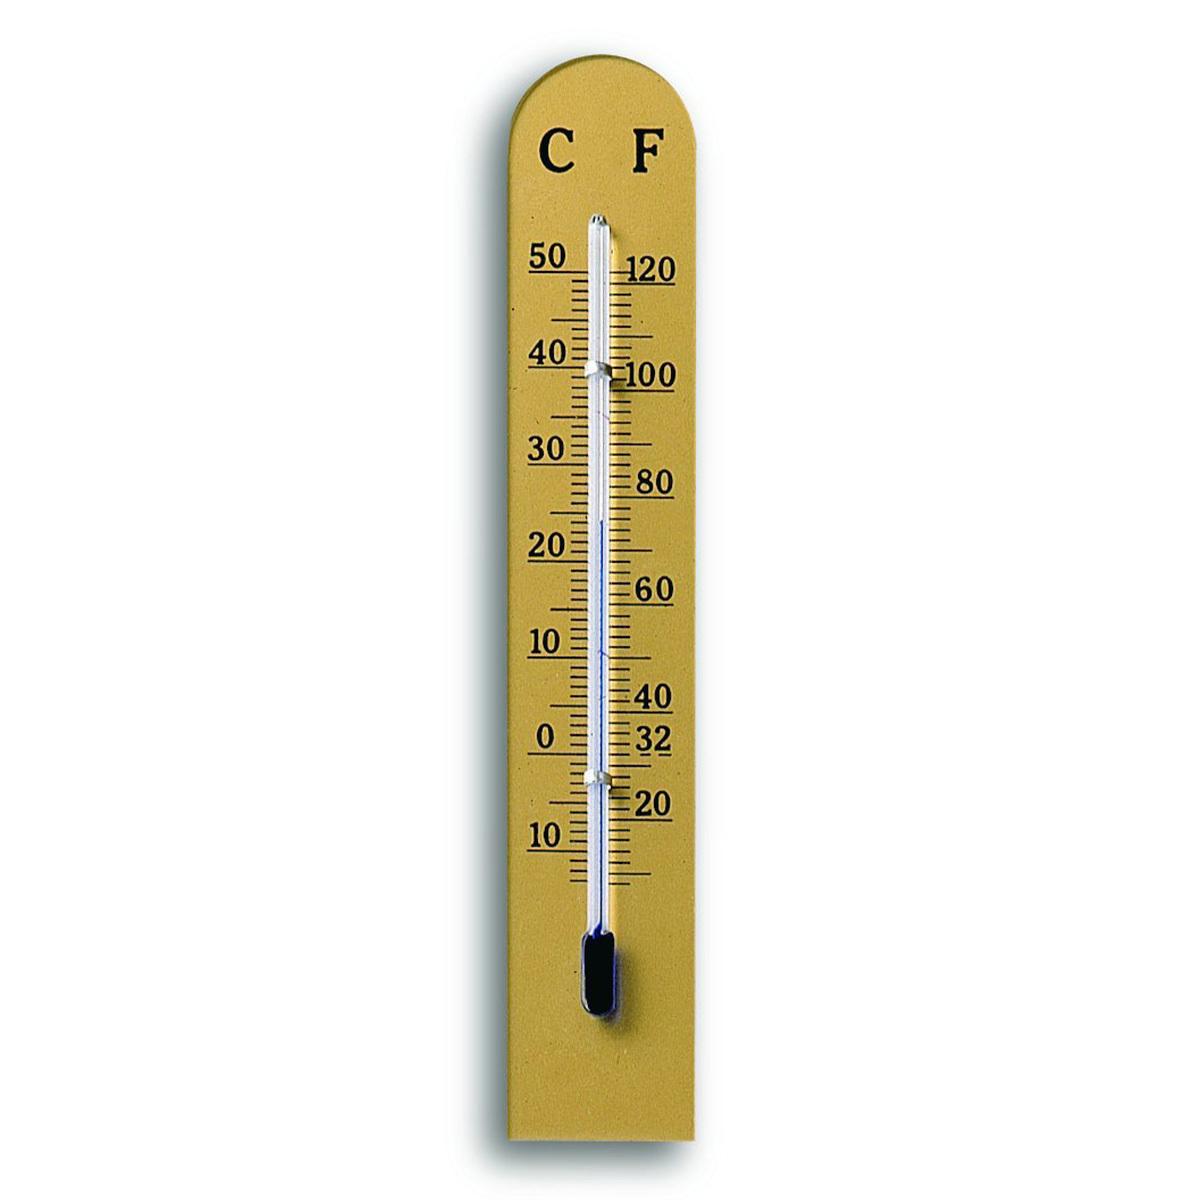 k1-100526-analoges-aufschraubthermometer-1200x1200px.jpg